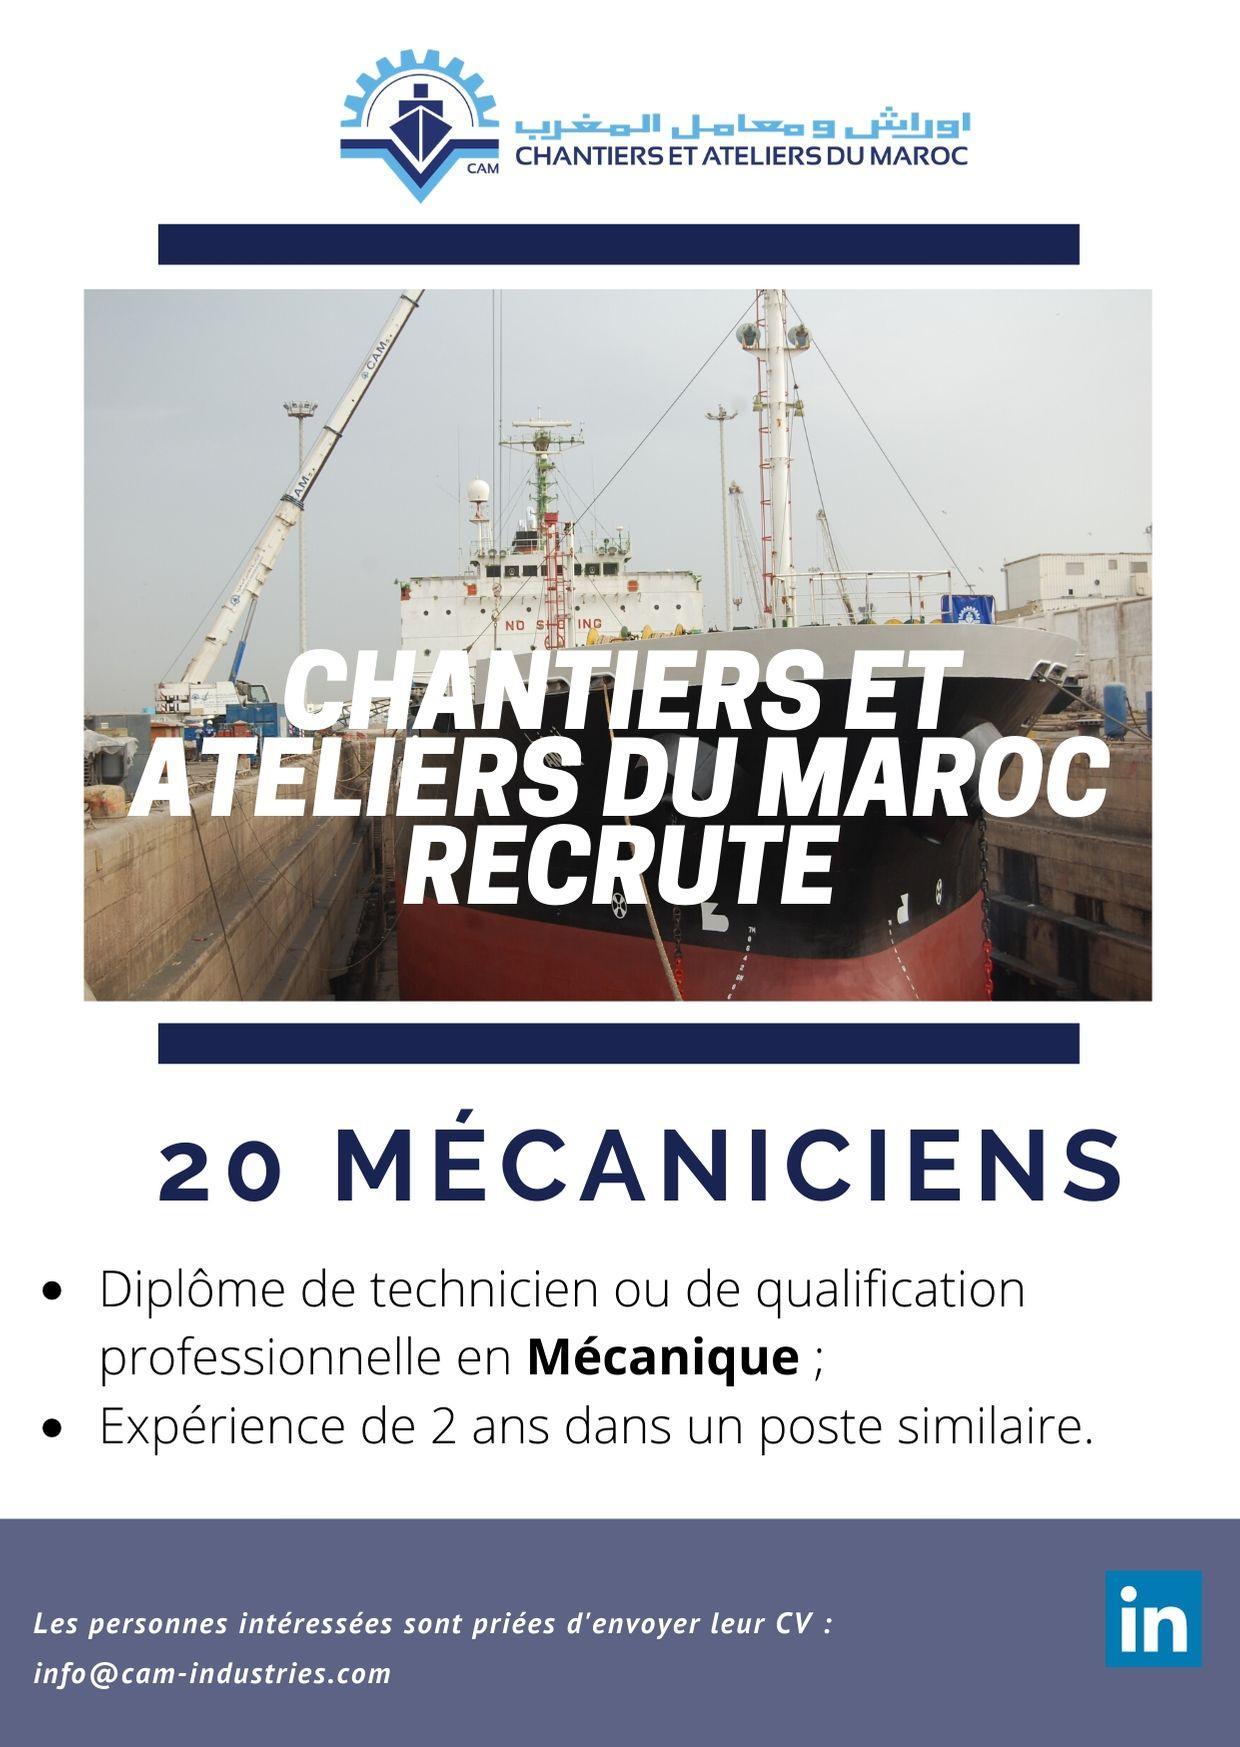 شركة اوراش ومعامل المغرب CAM لصيانة وإصلاح السفن توظيف في عدة مناصب 1310